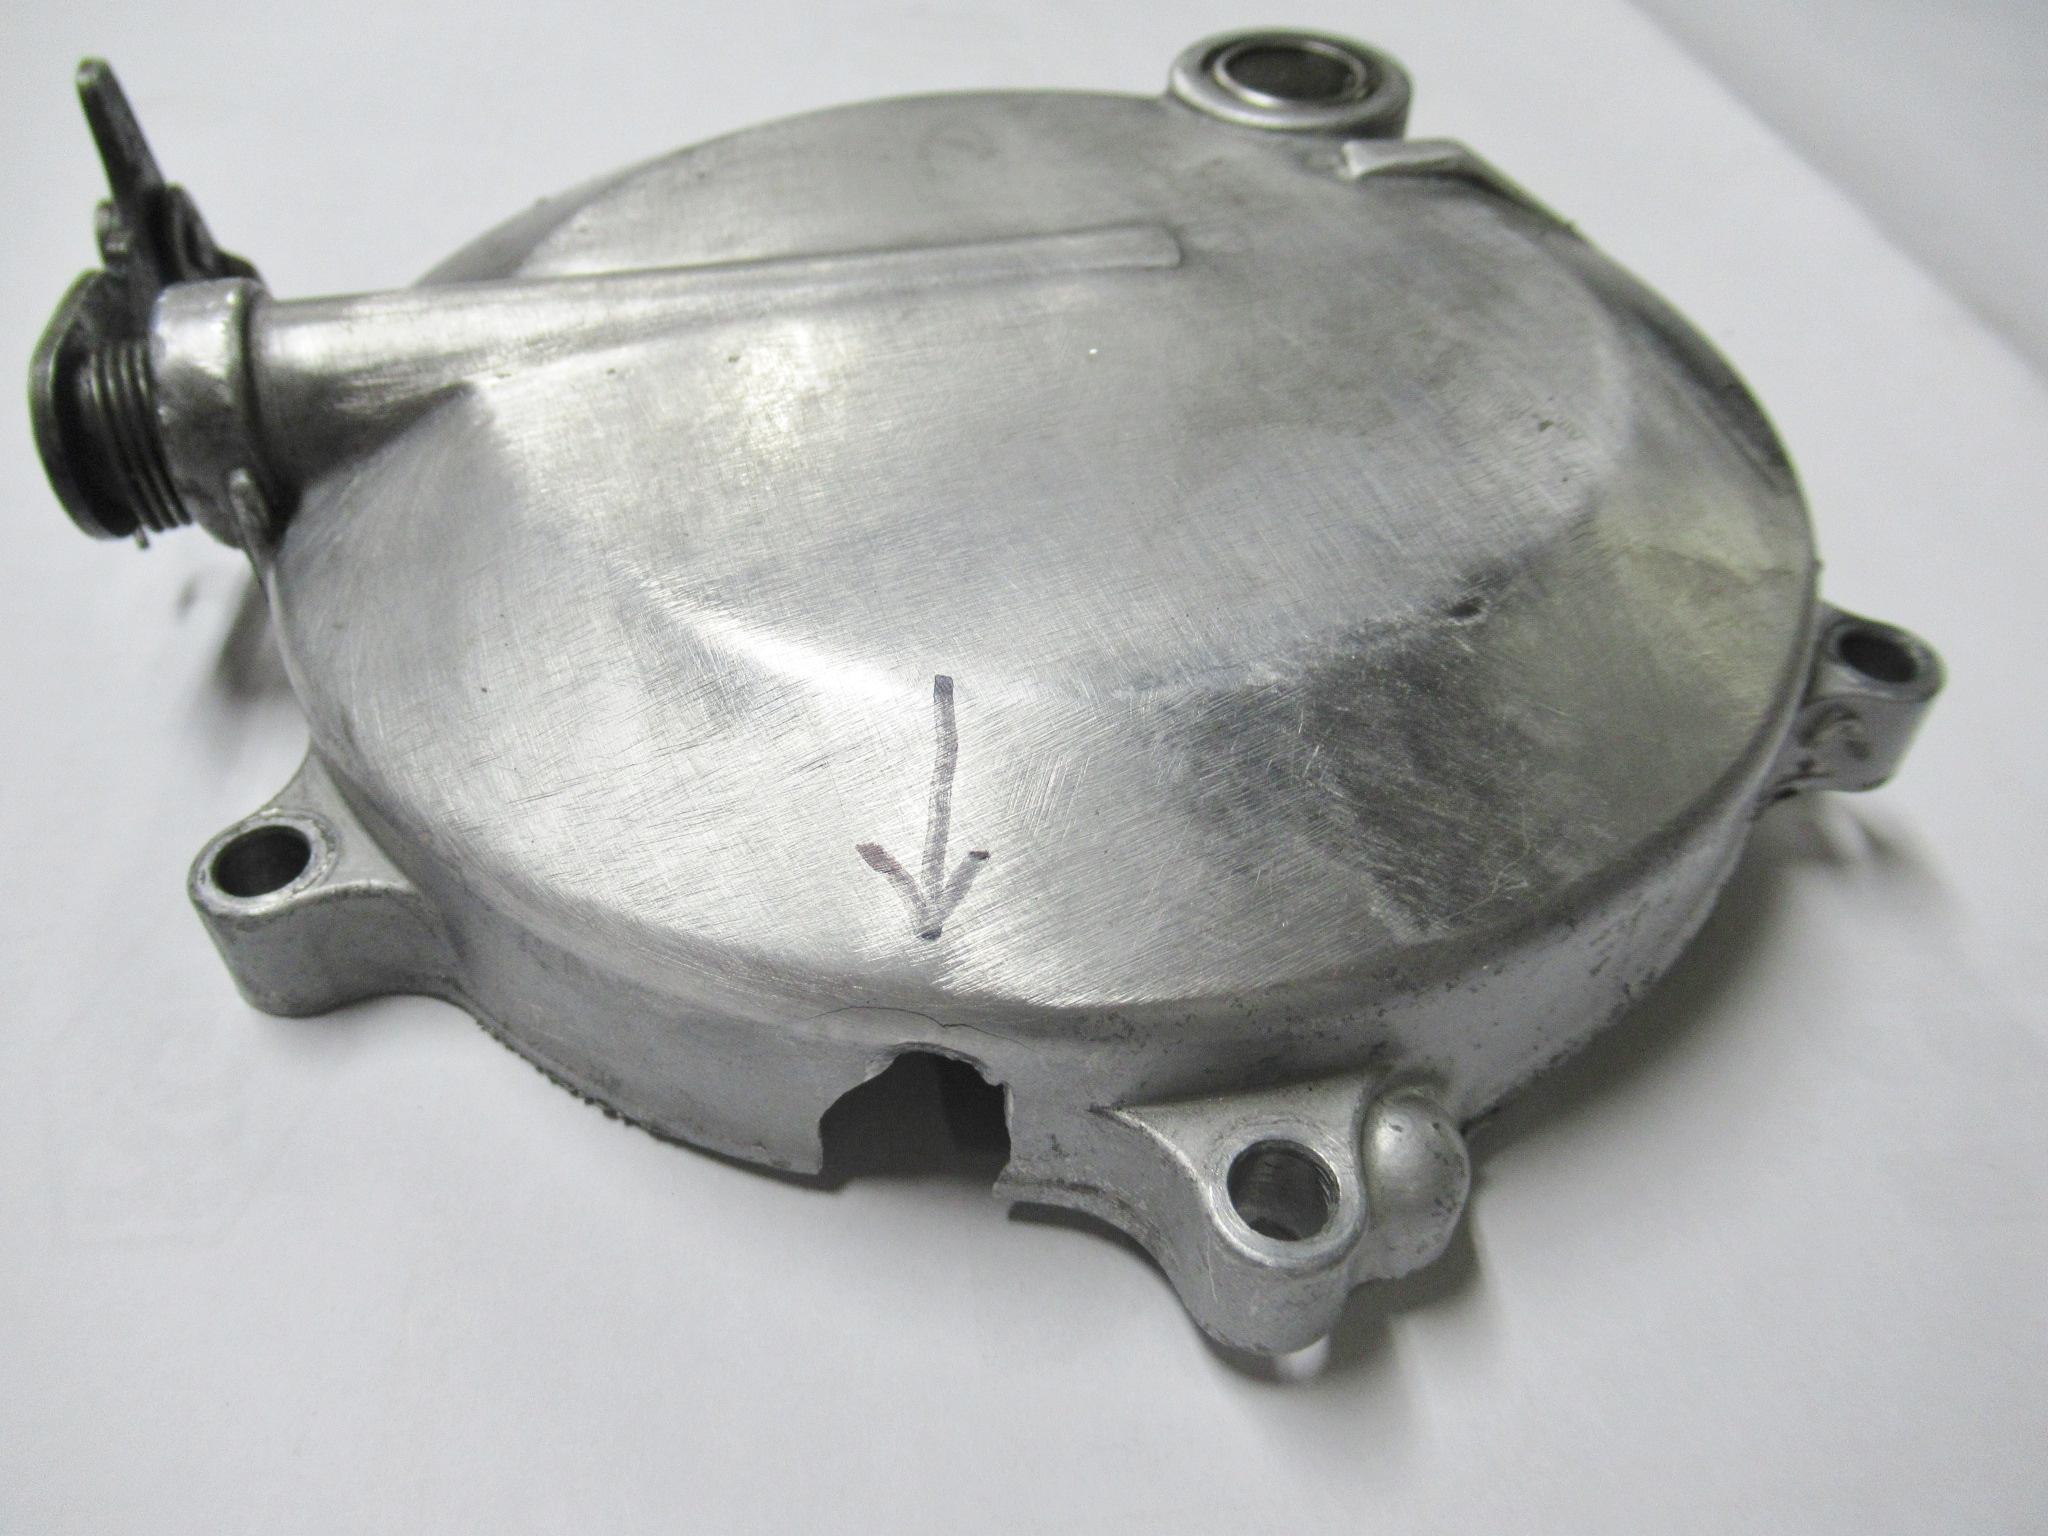 http://www.precious-factory.com/preciousfactory2010/IMG_1159.JPG